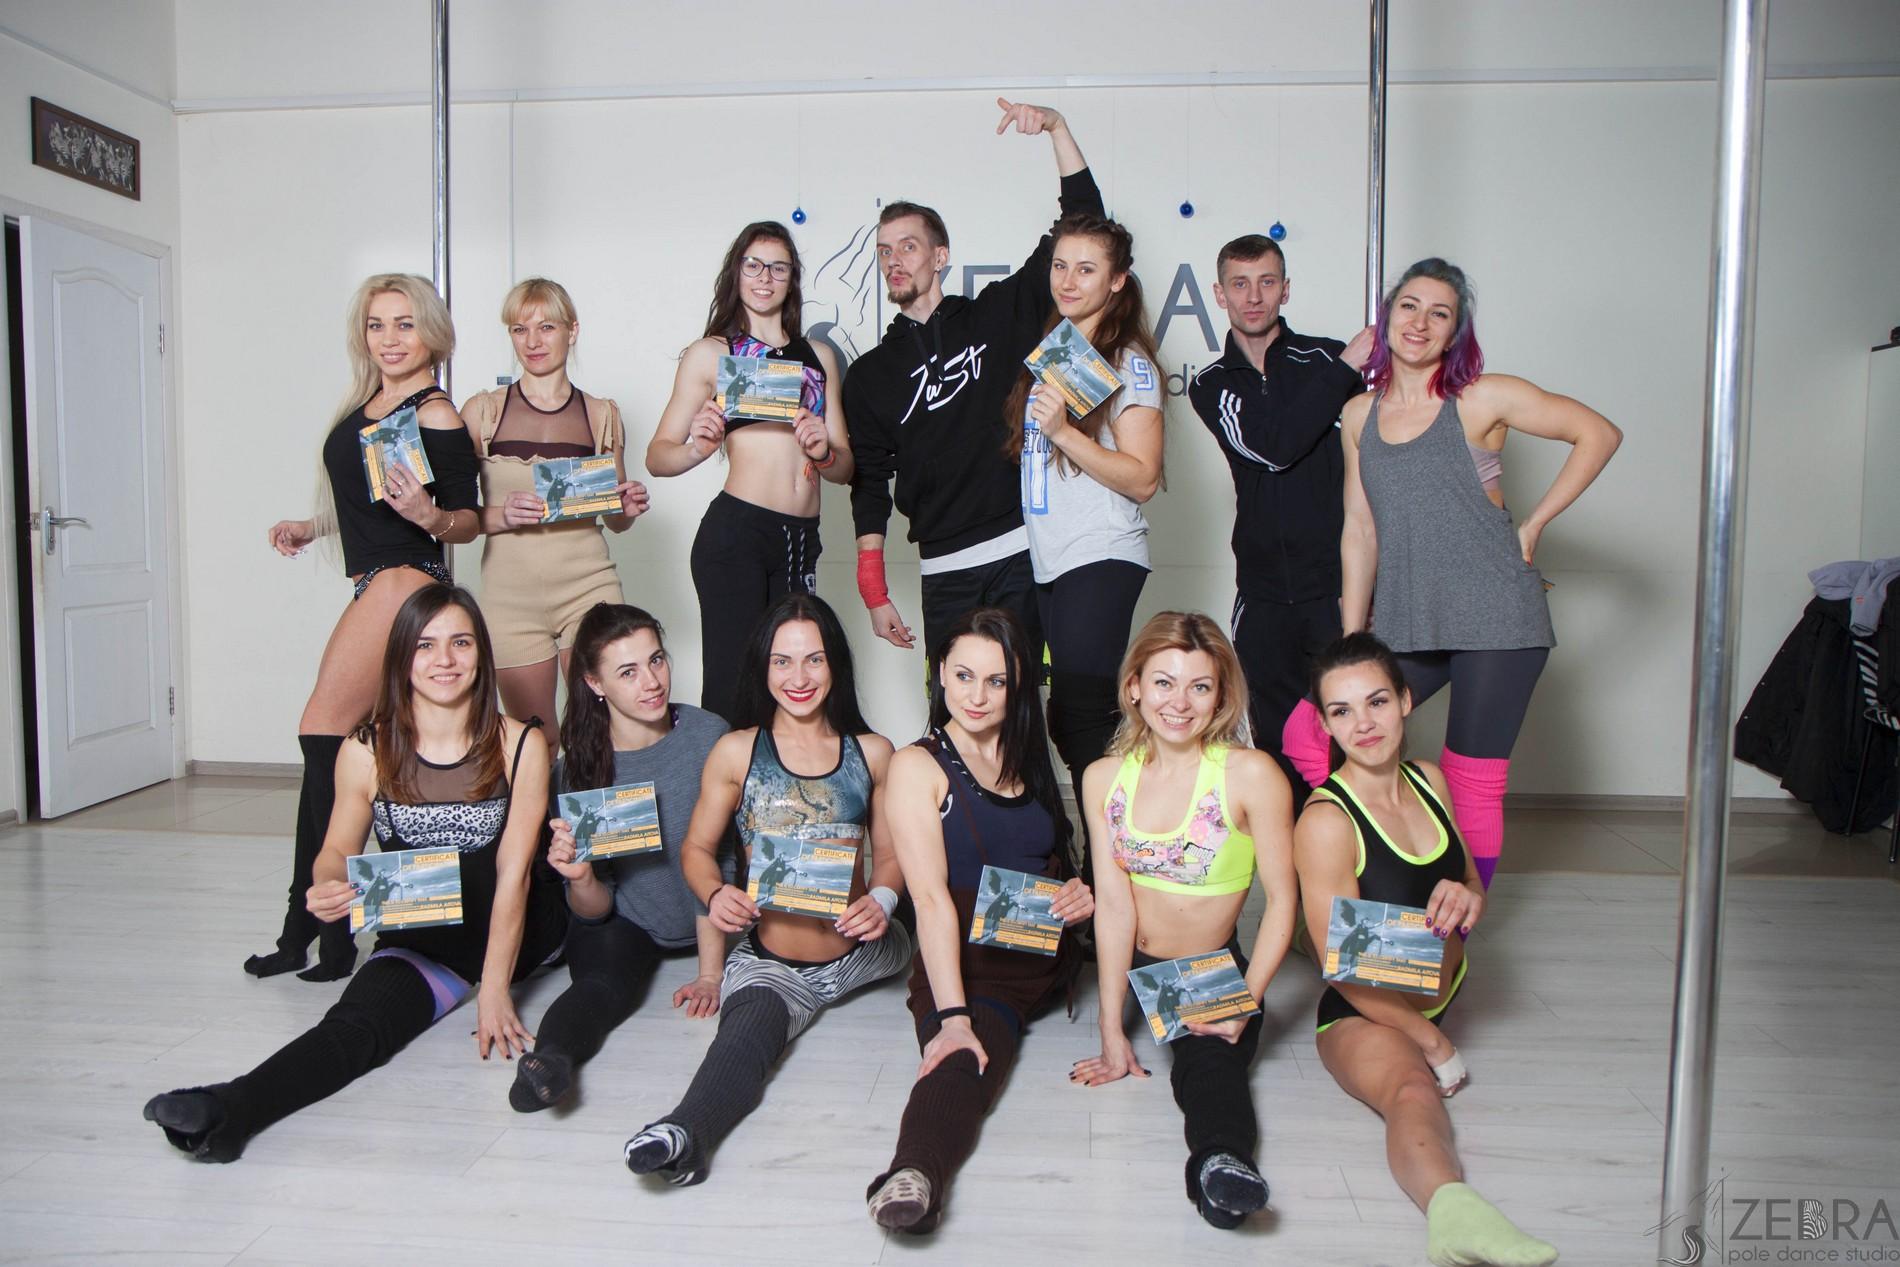 ZEBRA_MK_Oleg&Radmila219